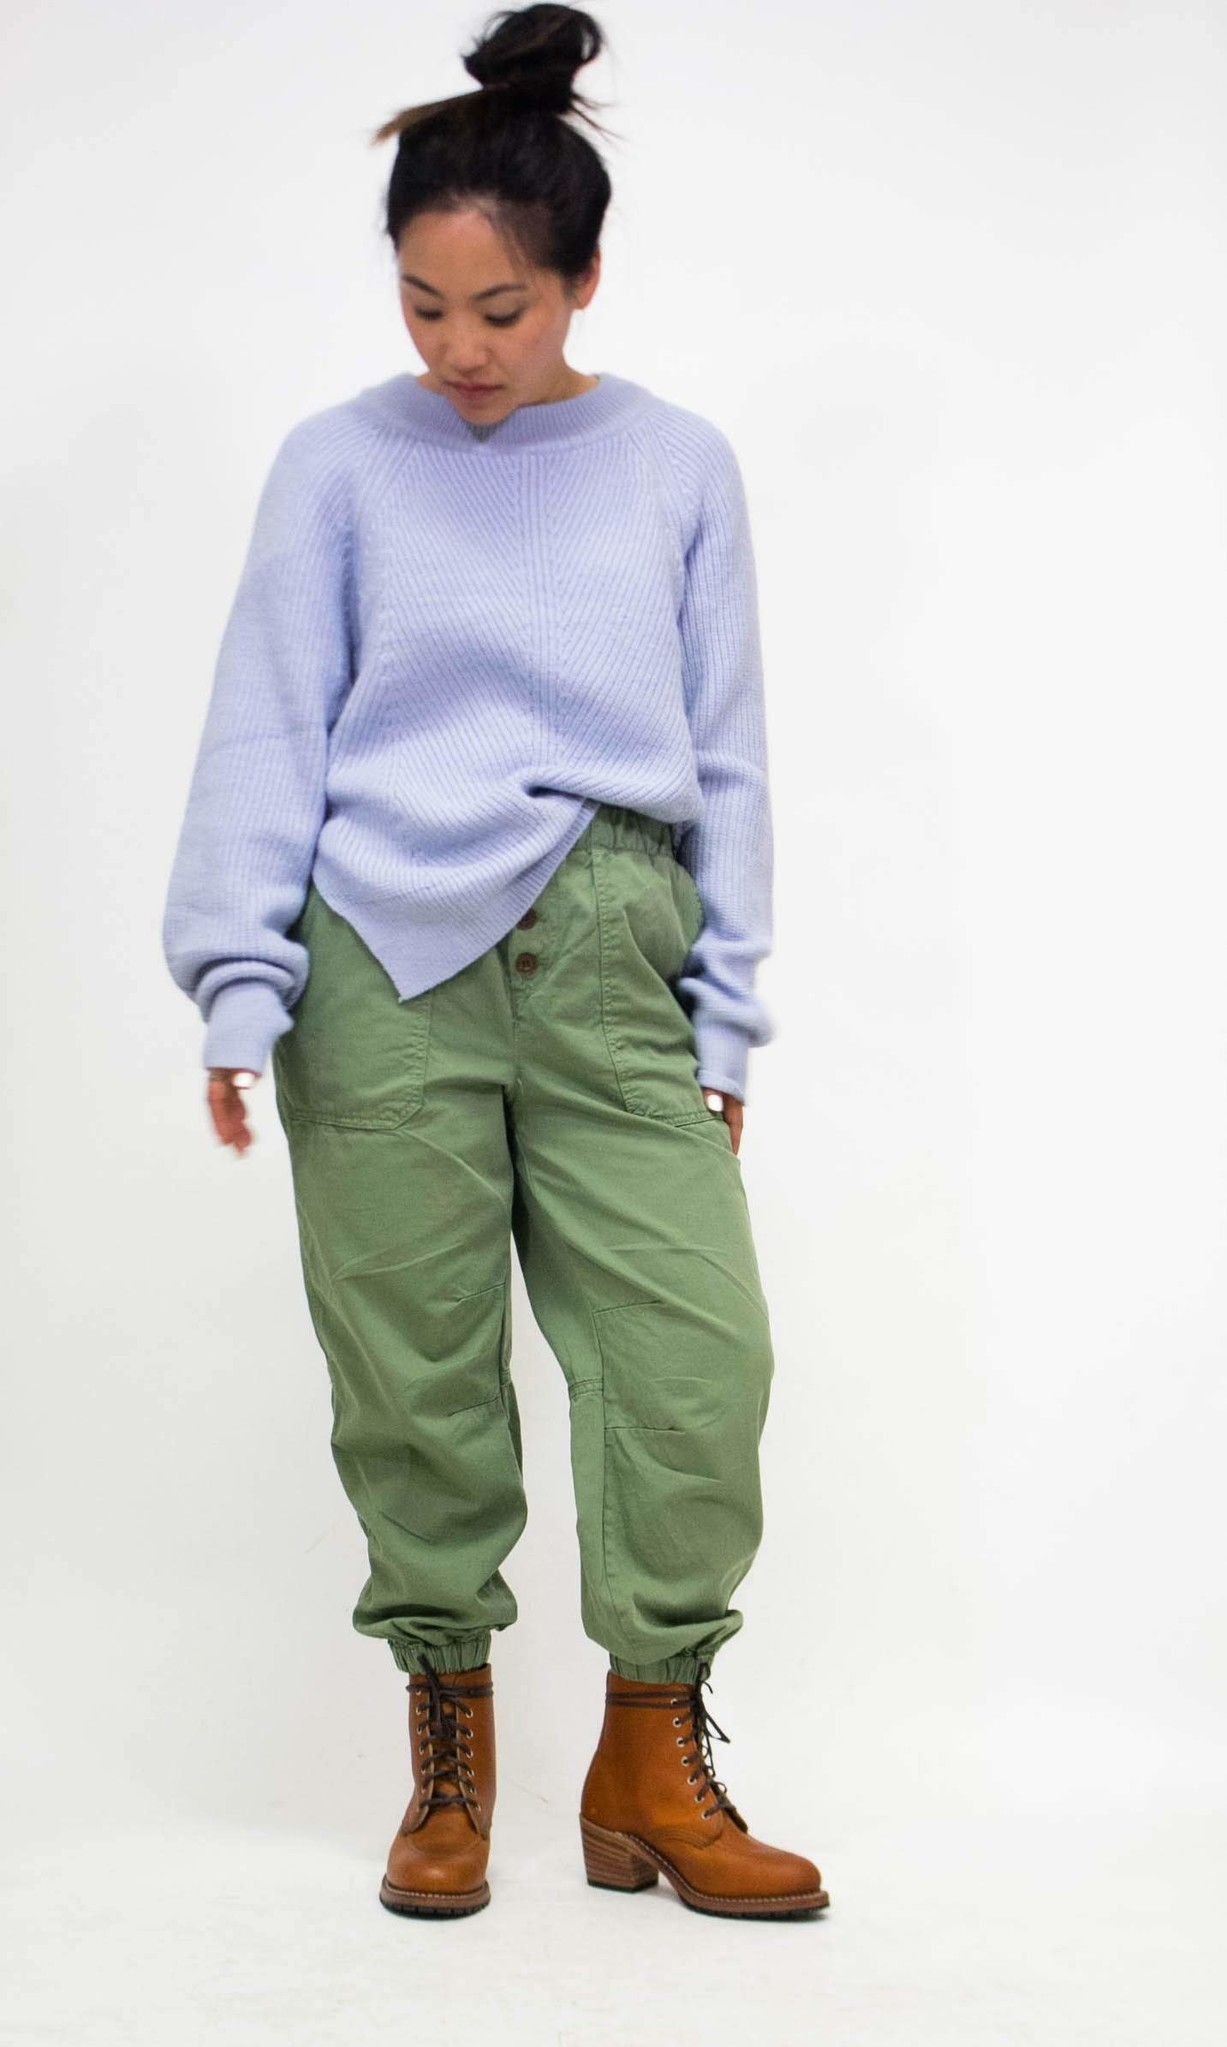 Mod Ref Clove Sweater